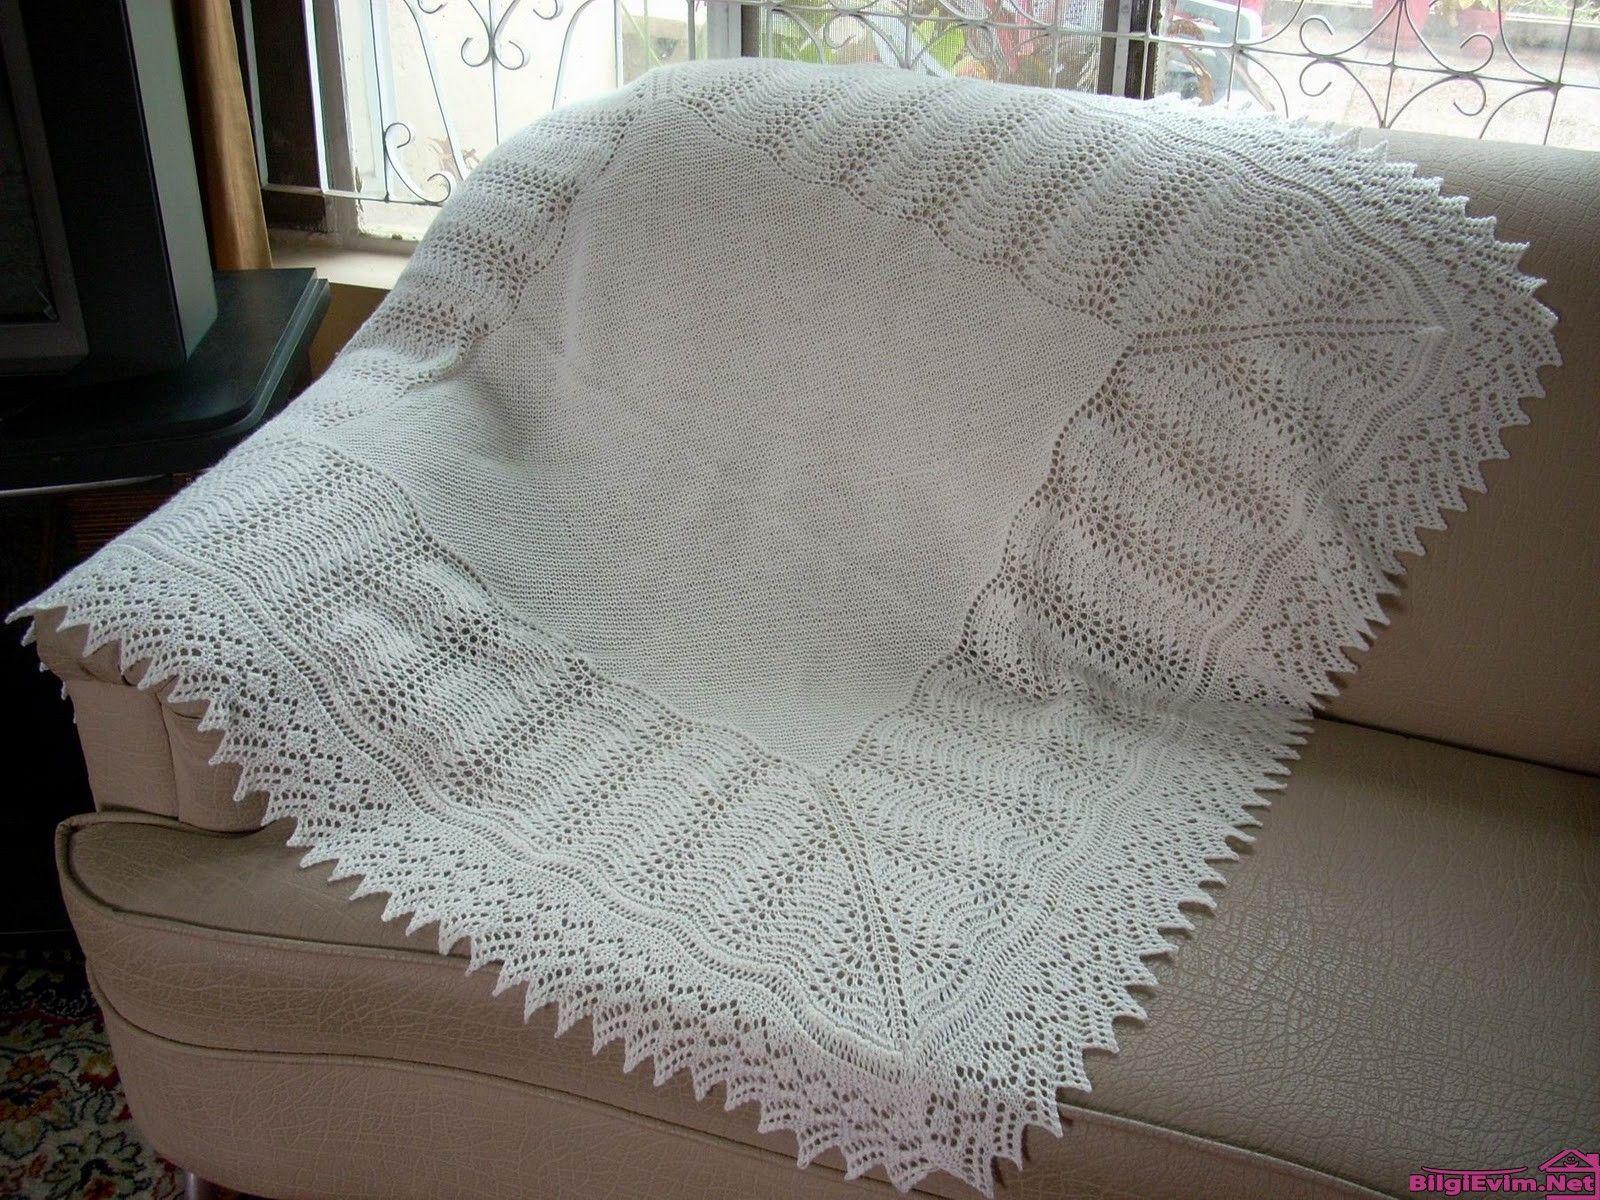 Sezonun battaniye modelleri